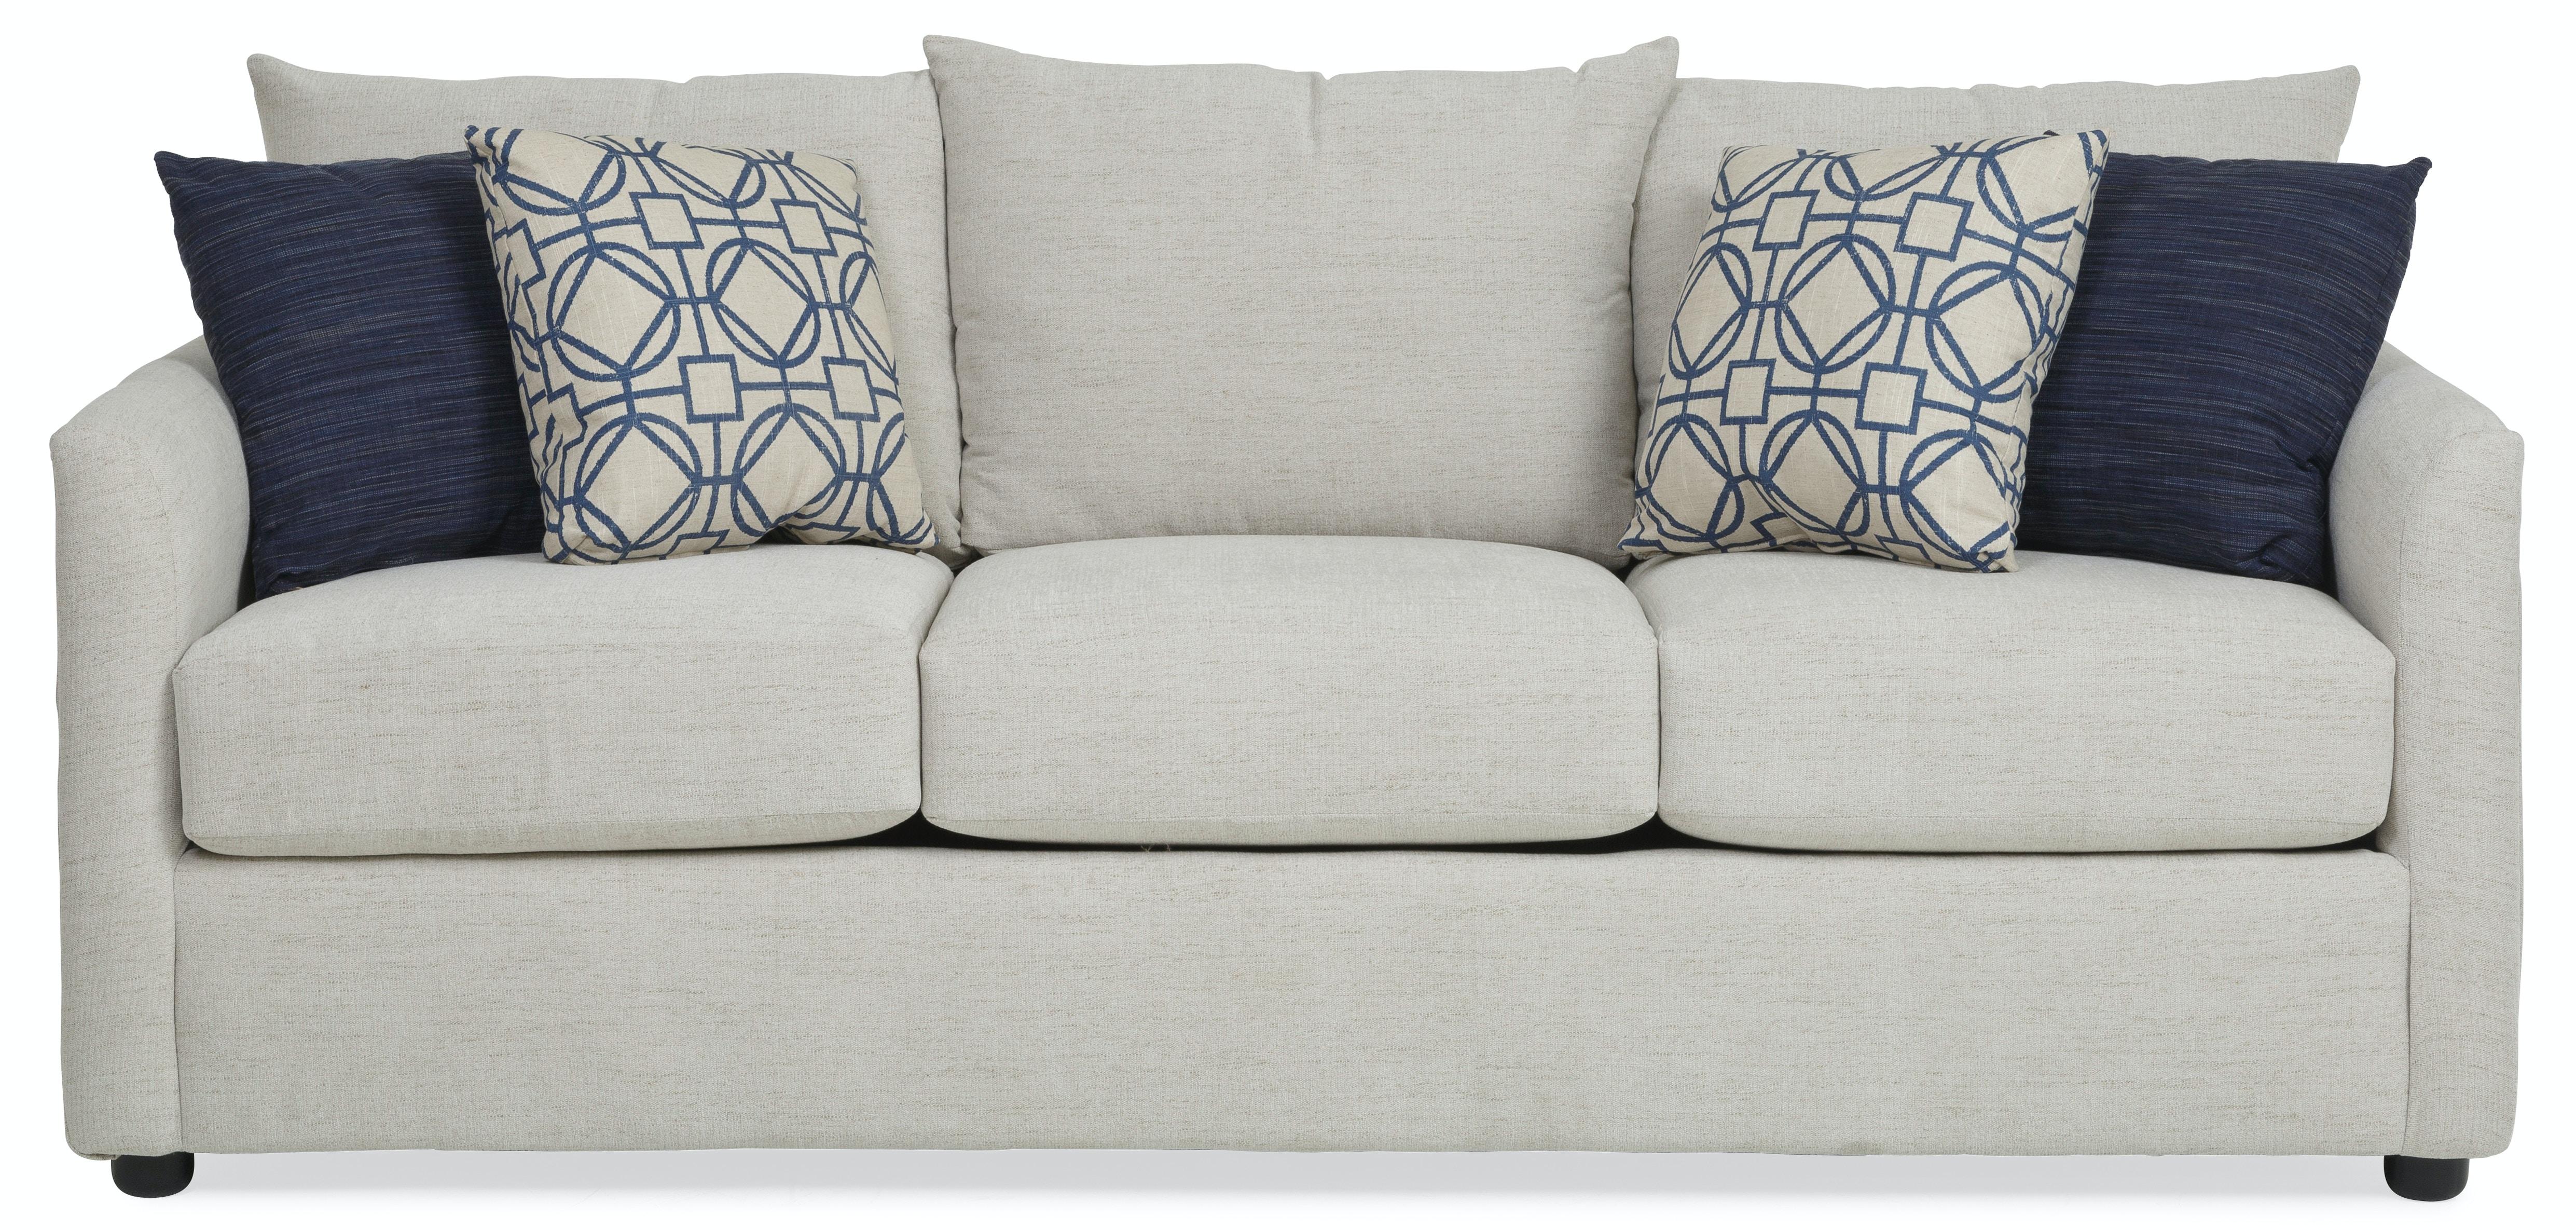 living room trisha yearwood atlanta sleeper sofa queen rh starfurniture com Queen Sleeper Sofa Full Sleeper Sofa